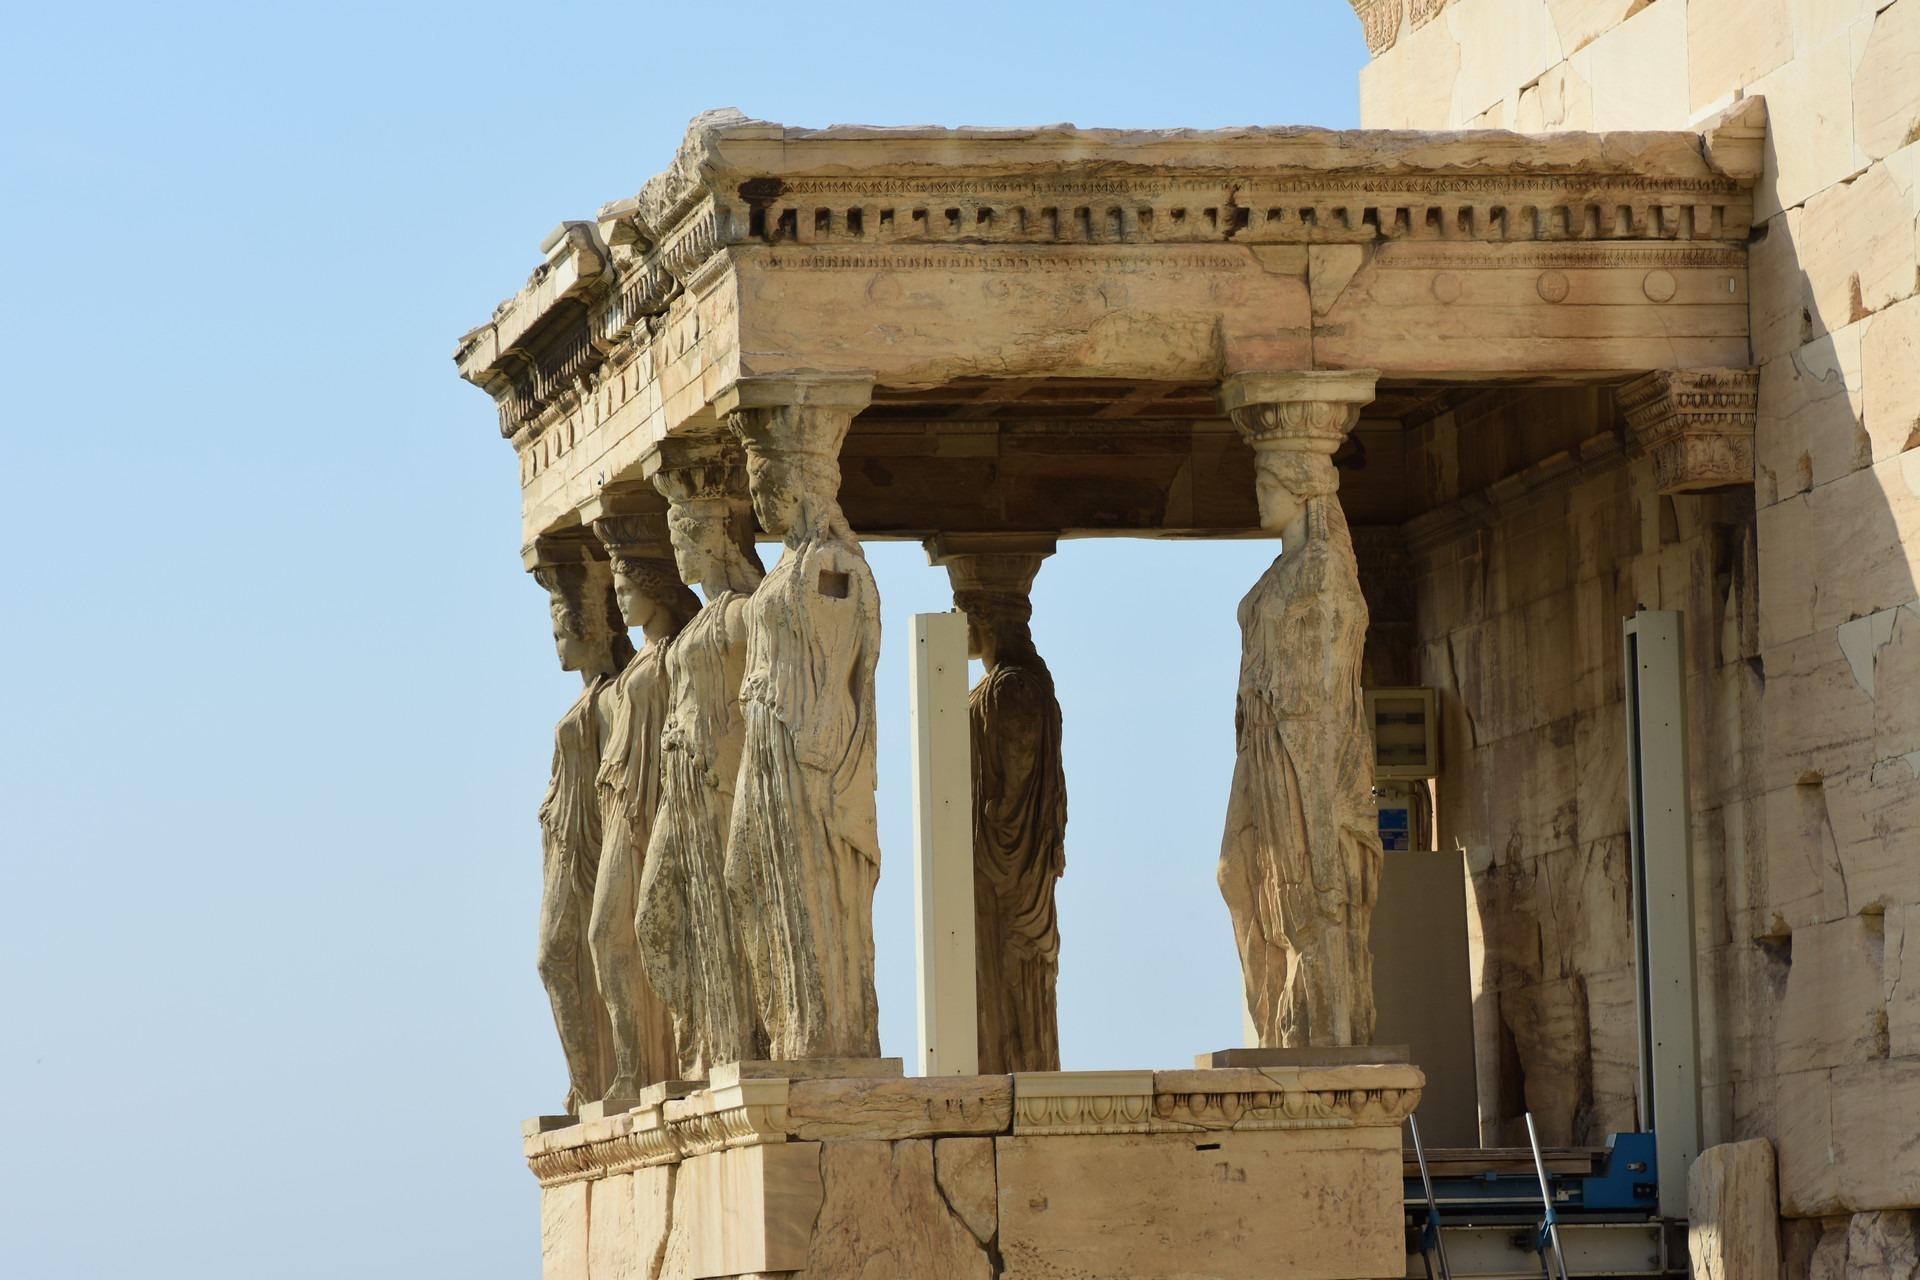 Athenes: Kerameikos and Acropolis